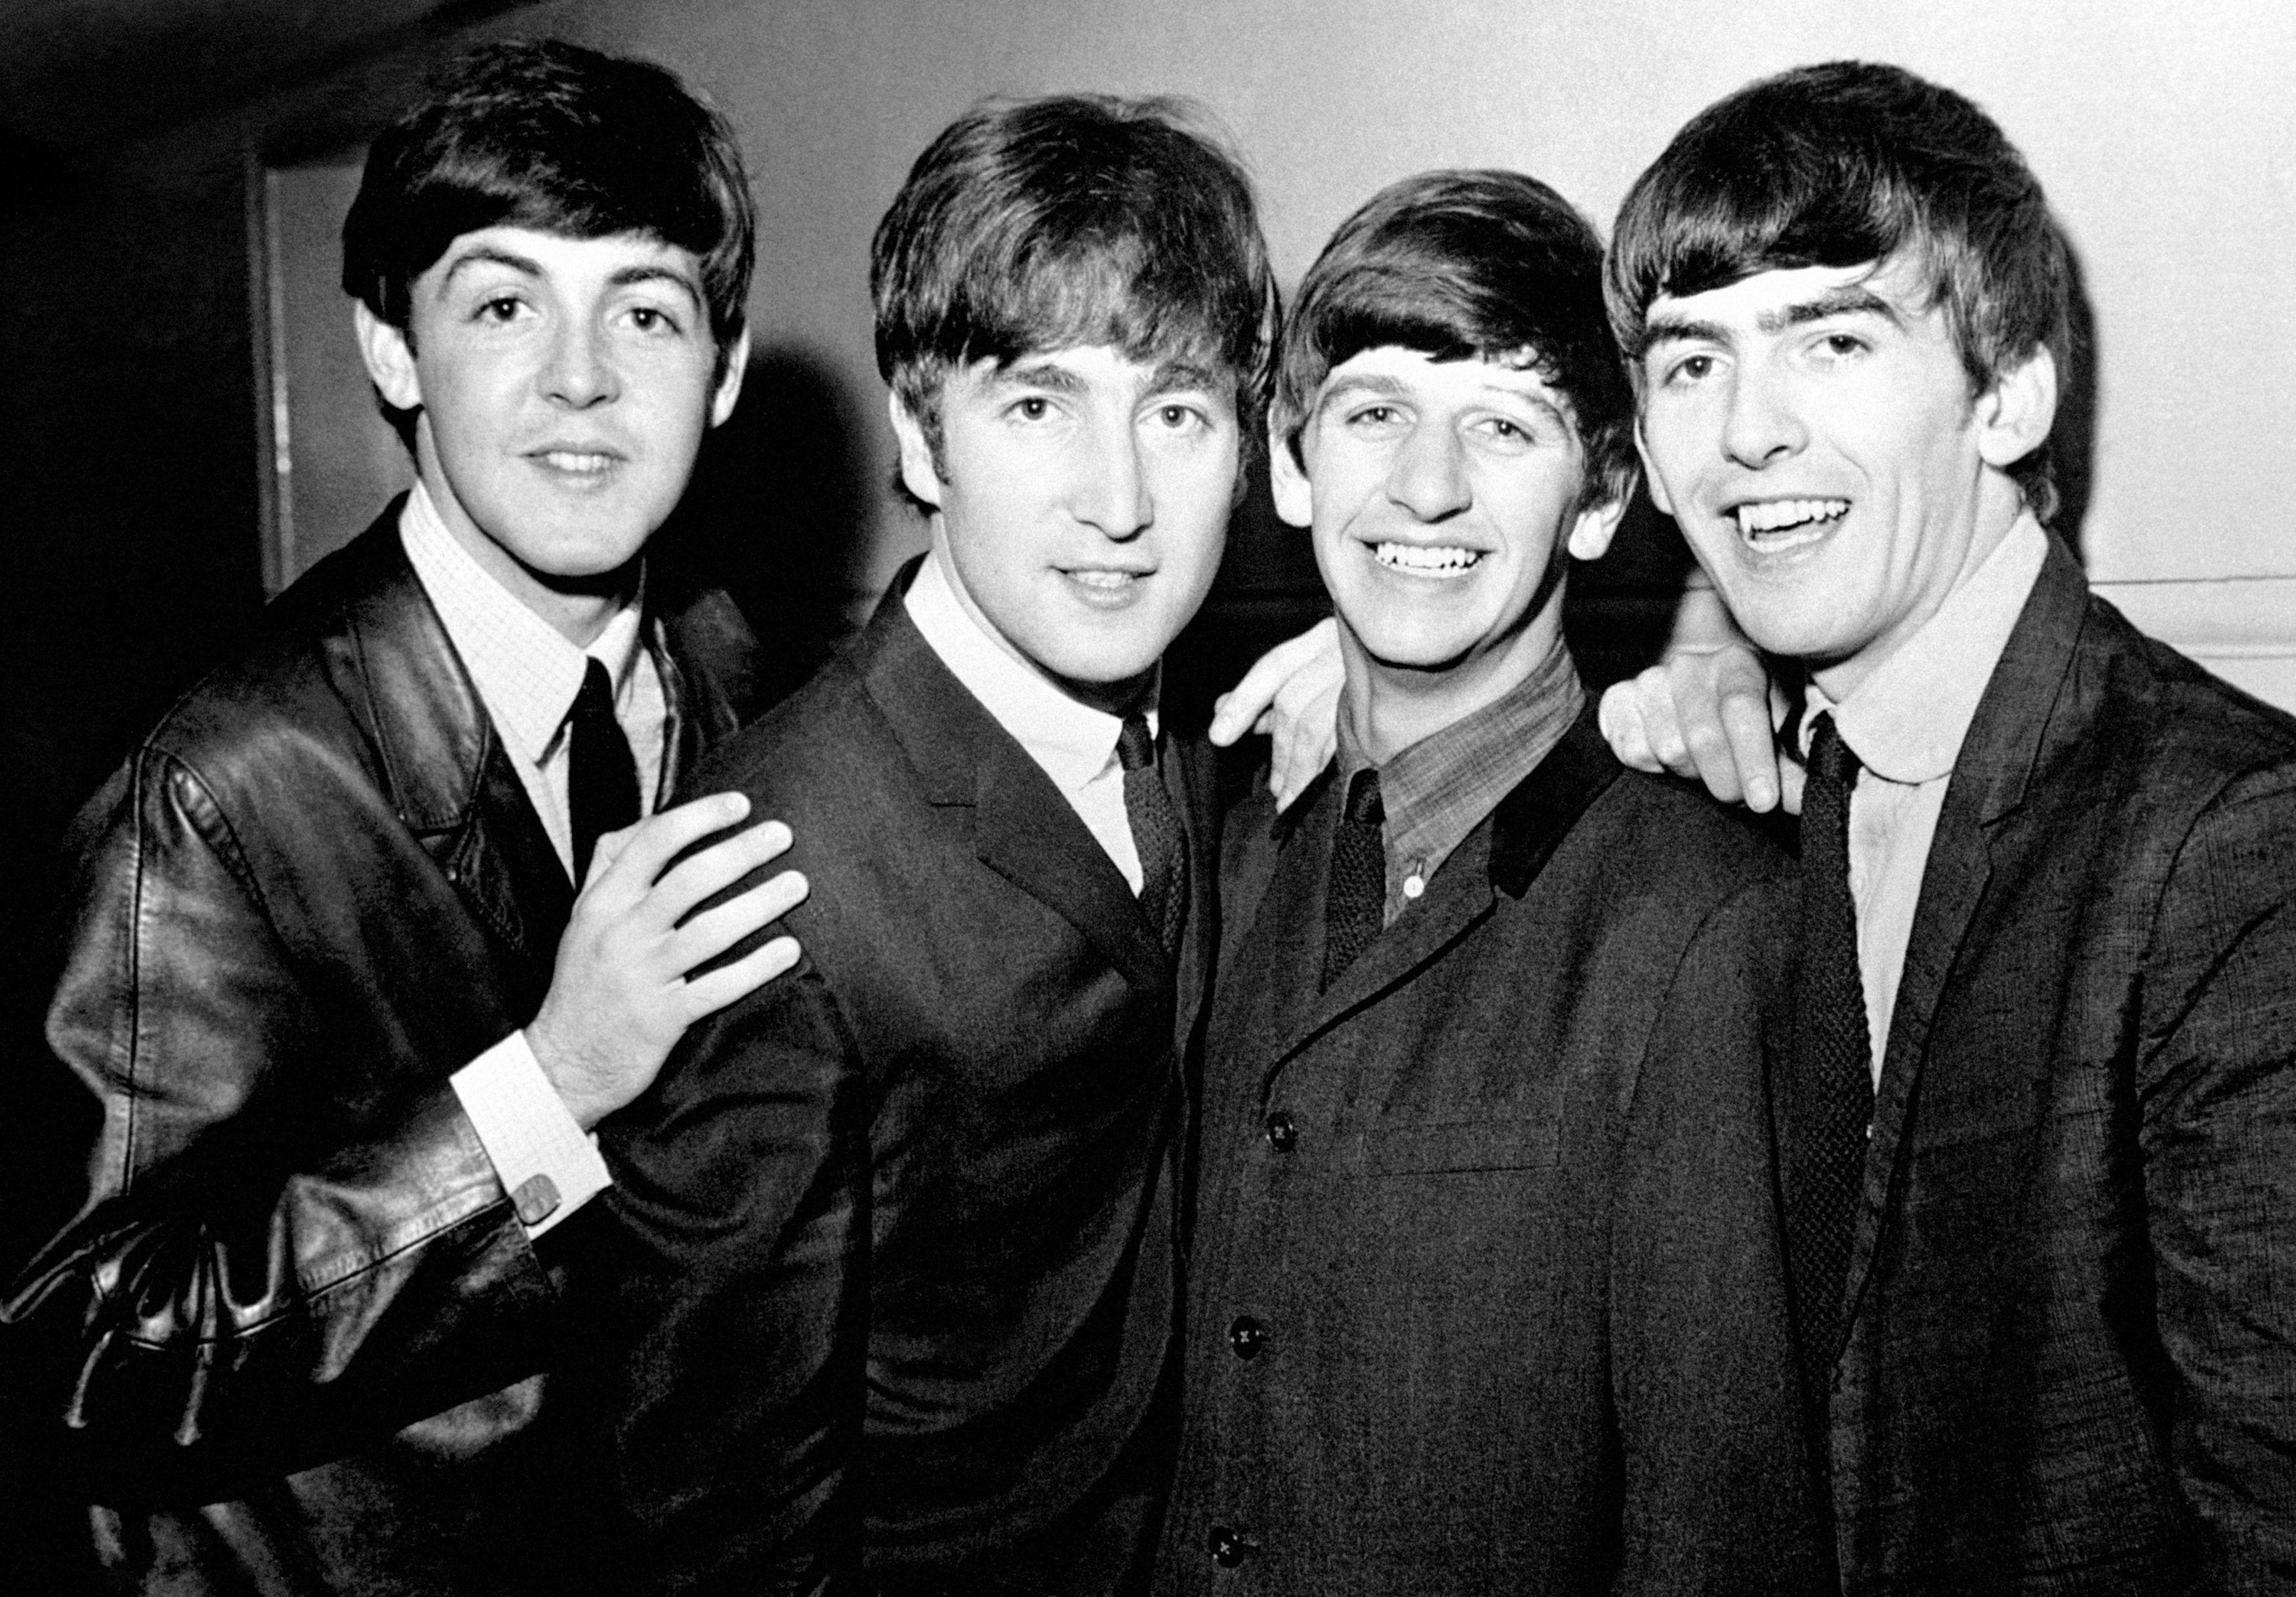 ВЯпонии отыскали десятки неизвестных фотографий The Beatles